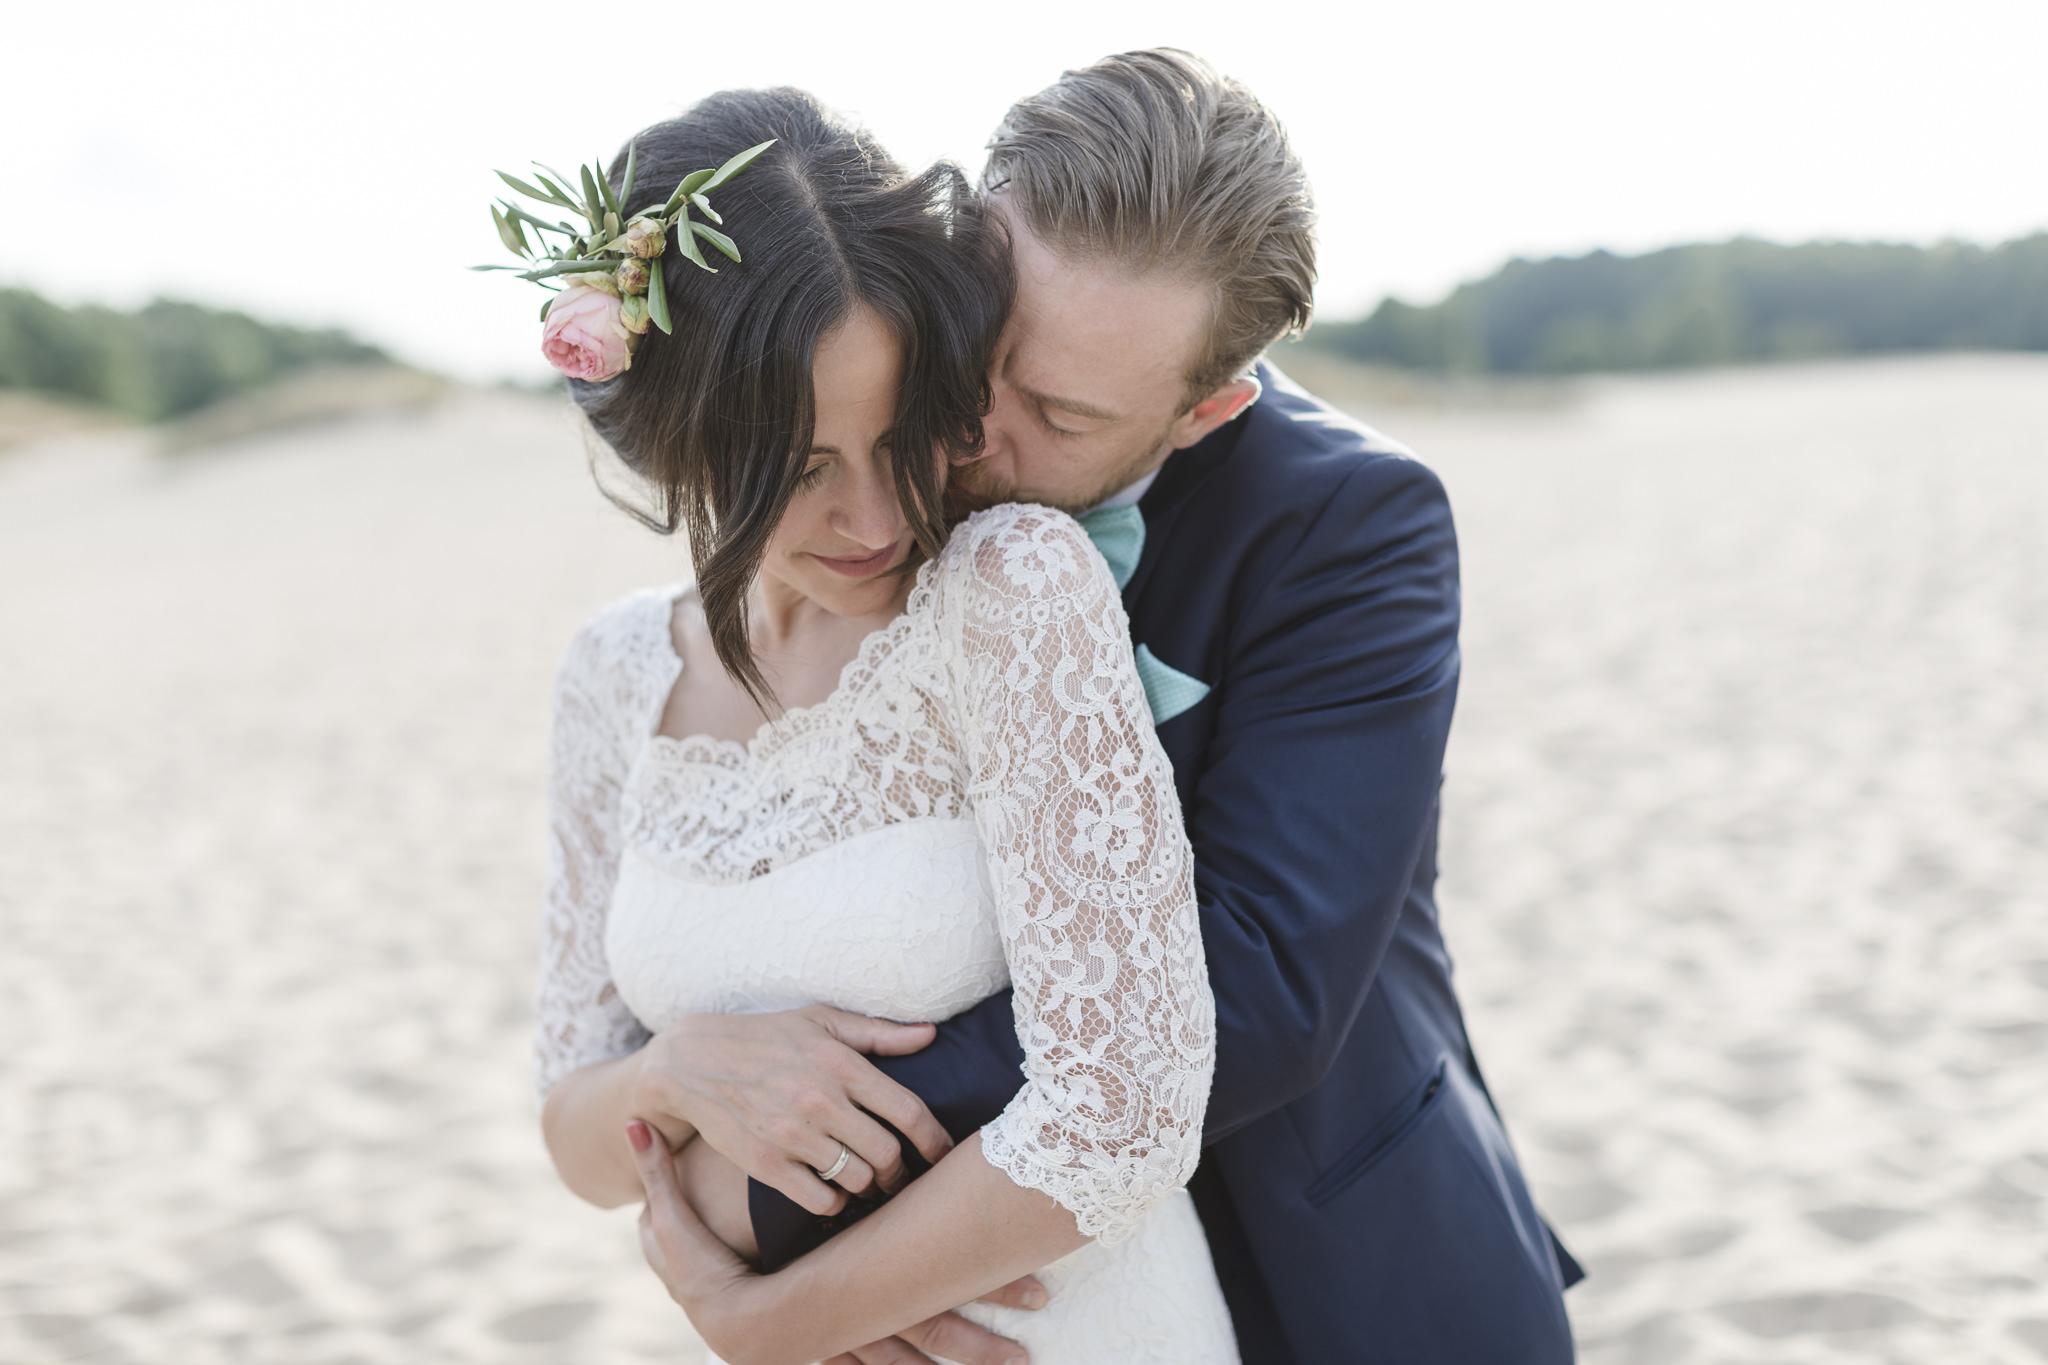 Hochzeitsfotograf Hamburg - Brautpaar steht in Sanddüne und kuschelt sich ganz eng aneinander